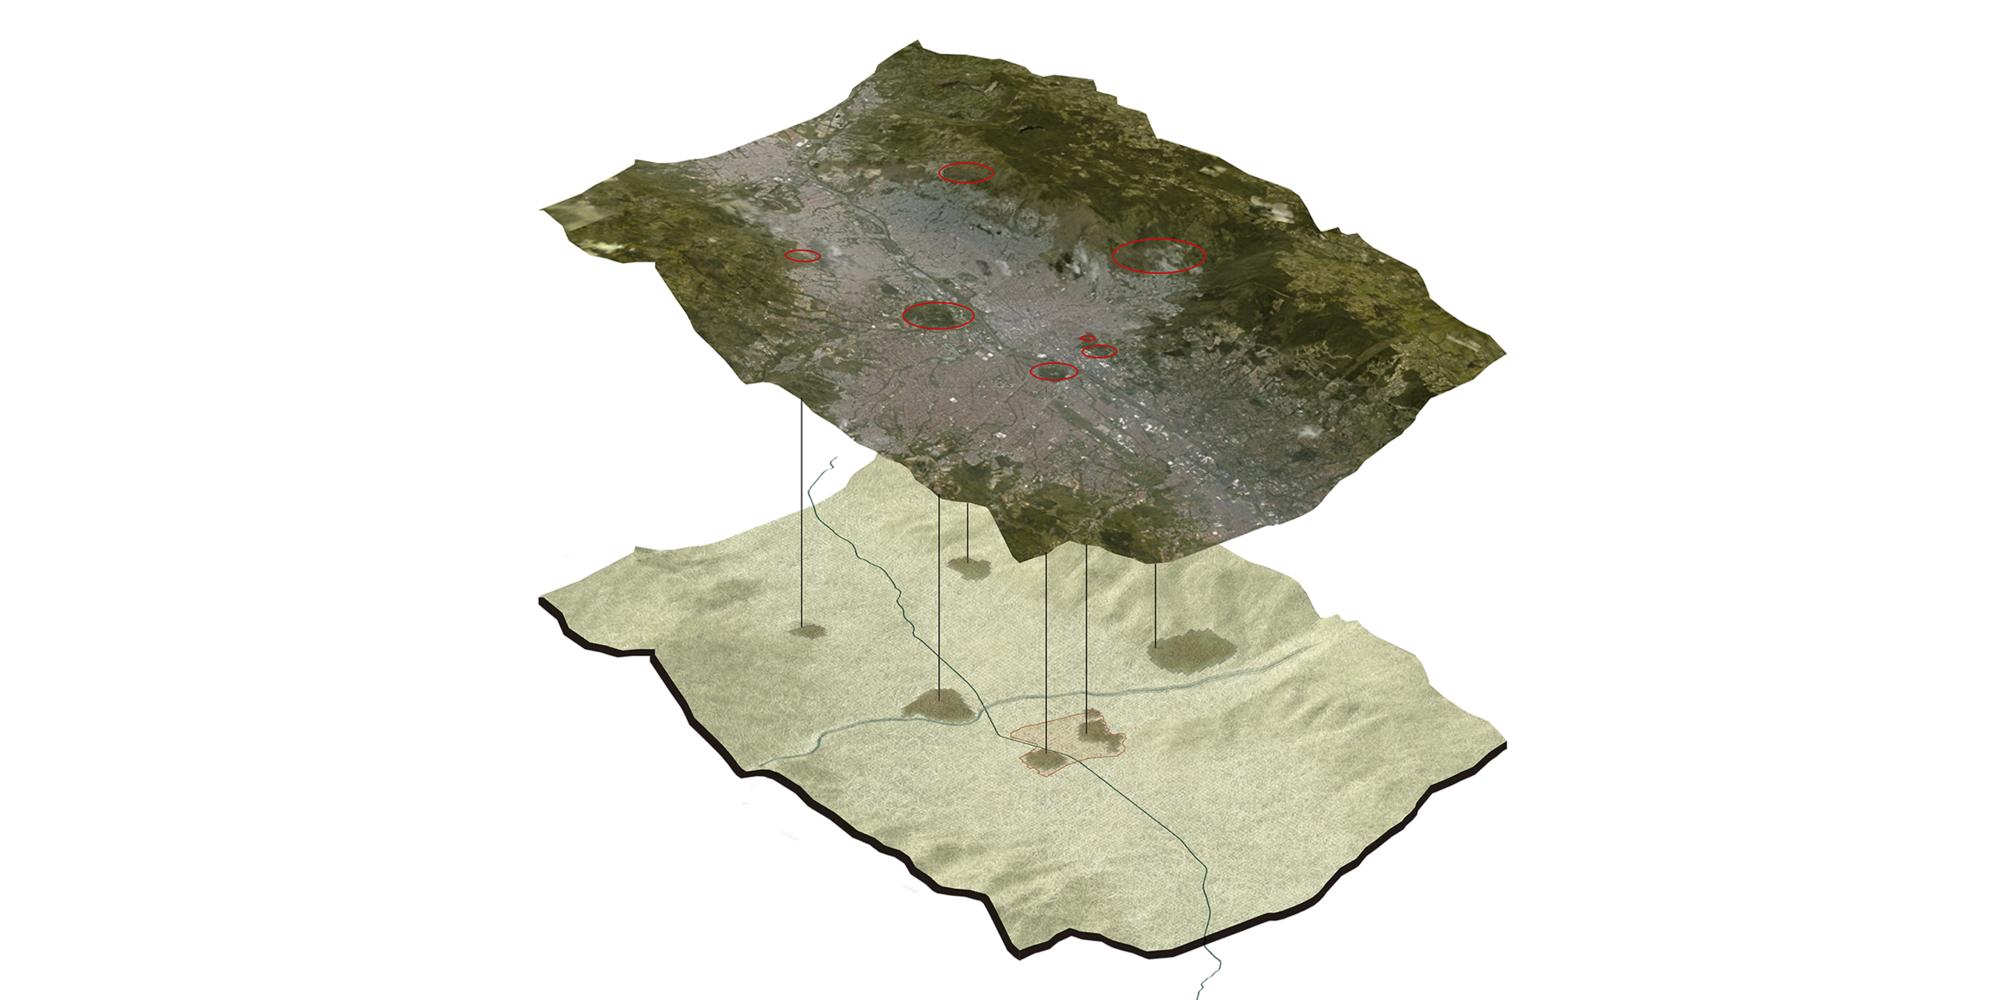 Geografía y ciudad. Image Cortesia de Equipo Primer Lugar